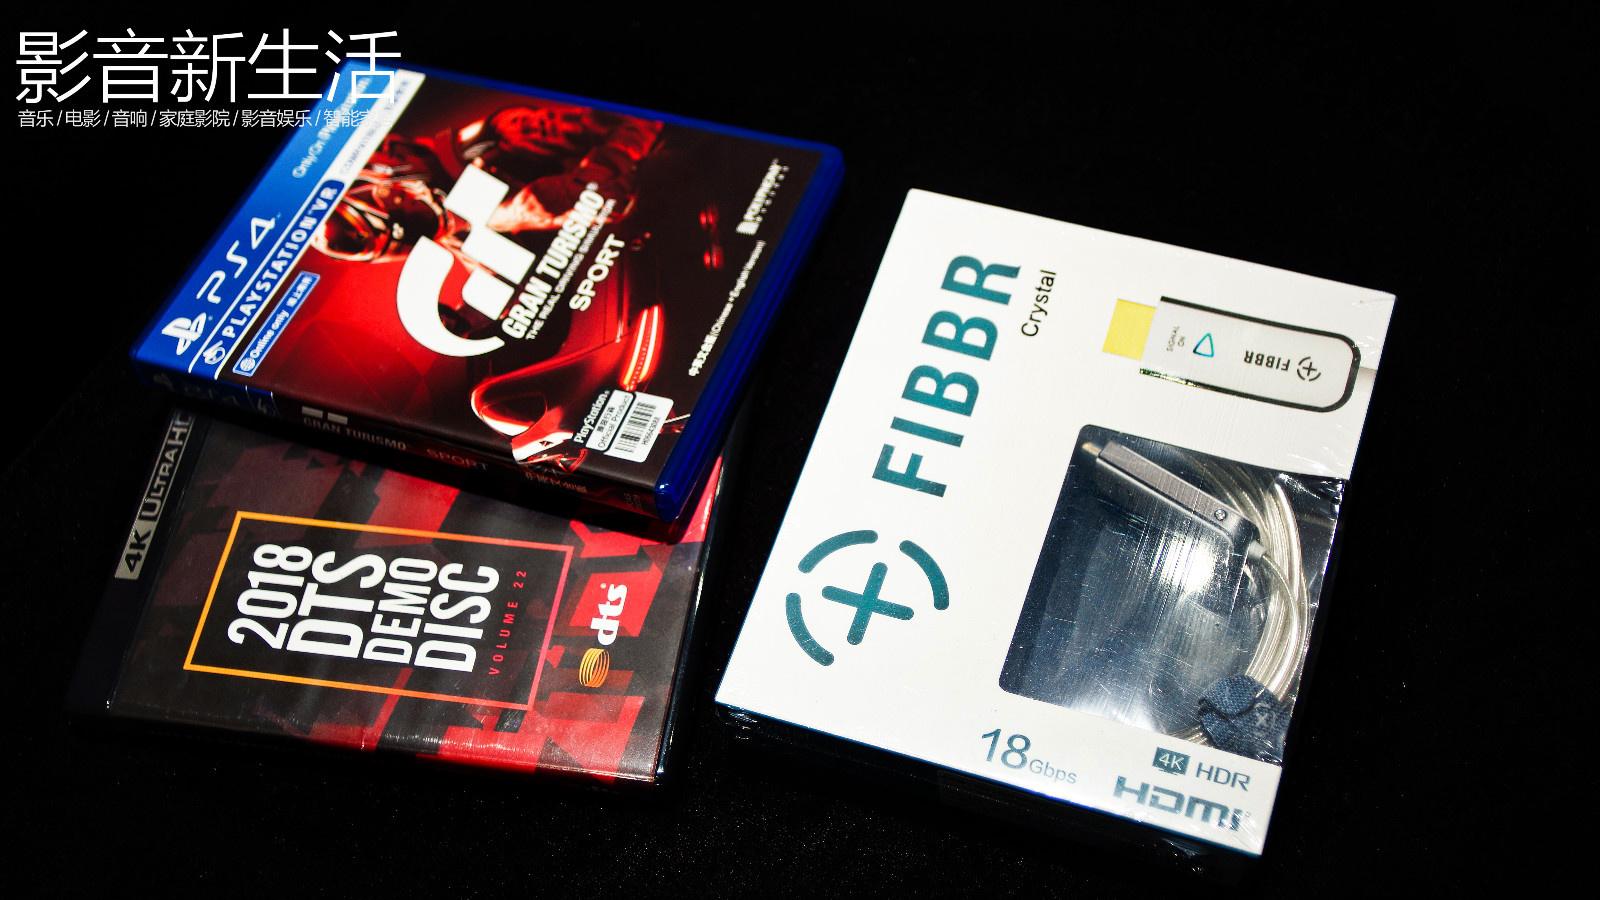 推荐   今年影音玩家们热捧的新一代光纤HDMI产品!FIBBR 菲伯尔 Crystal HDMI 2.0线